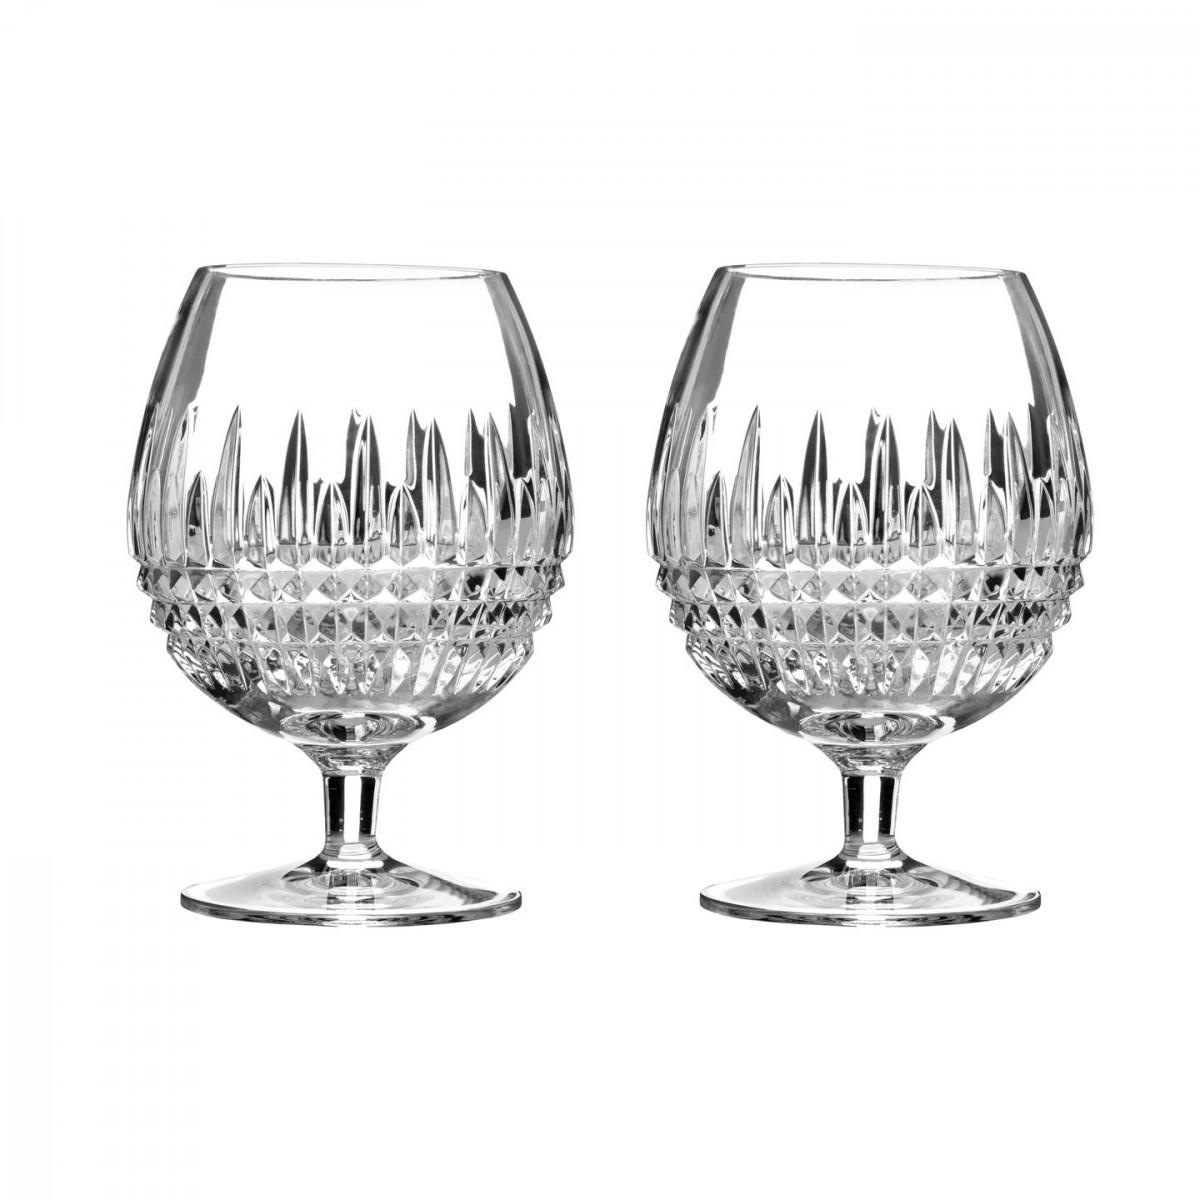 Waterford Crystal, Lismore Diamond Crystal Brandy, Pair